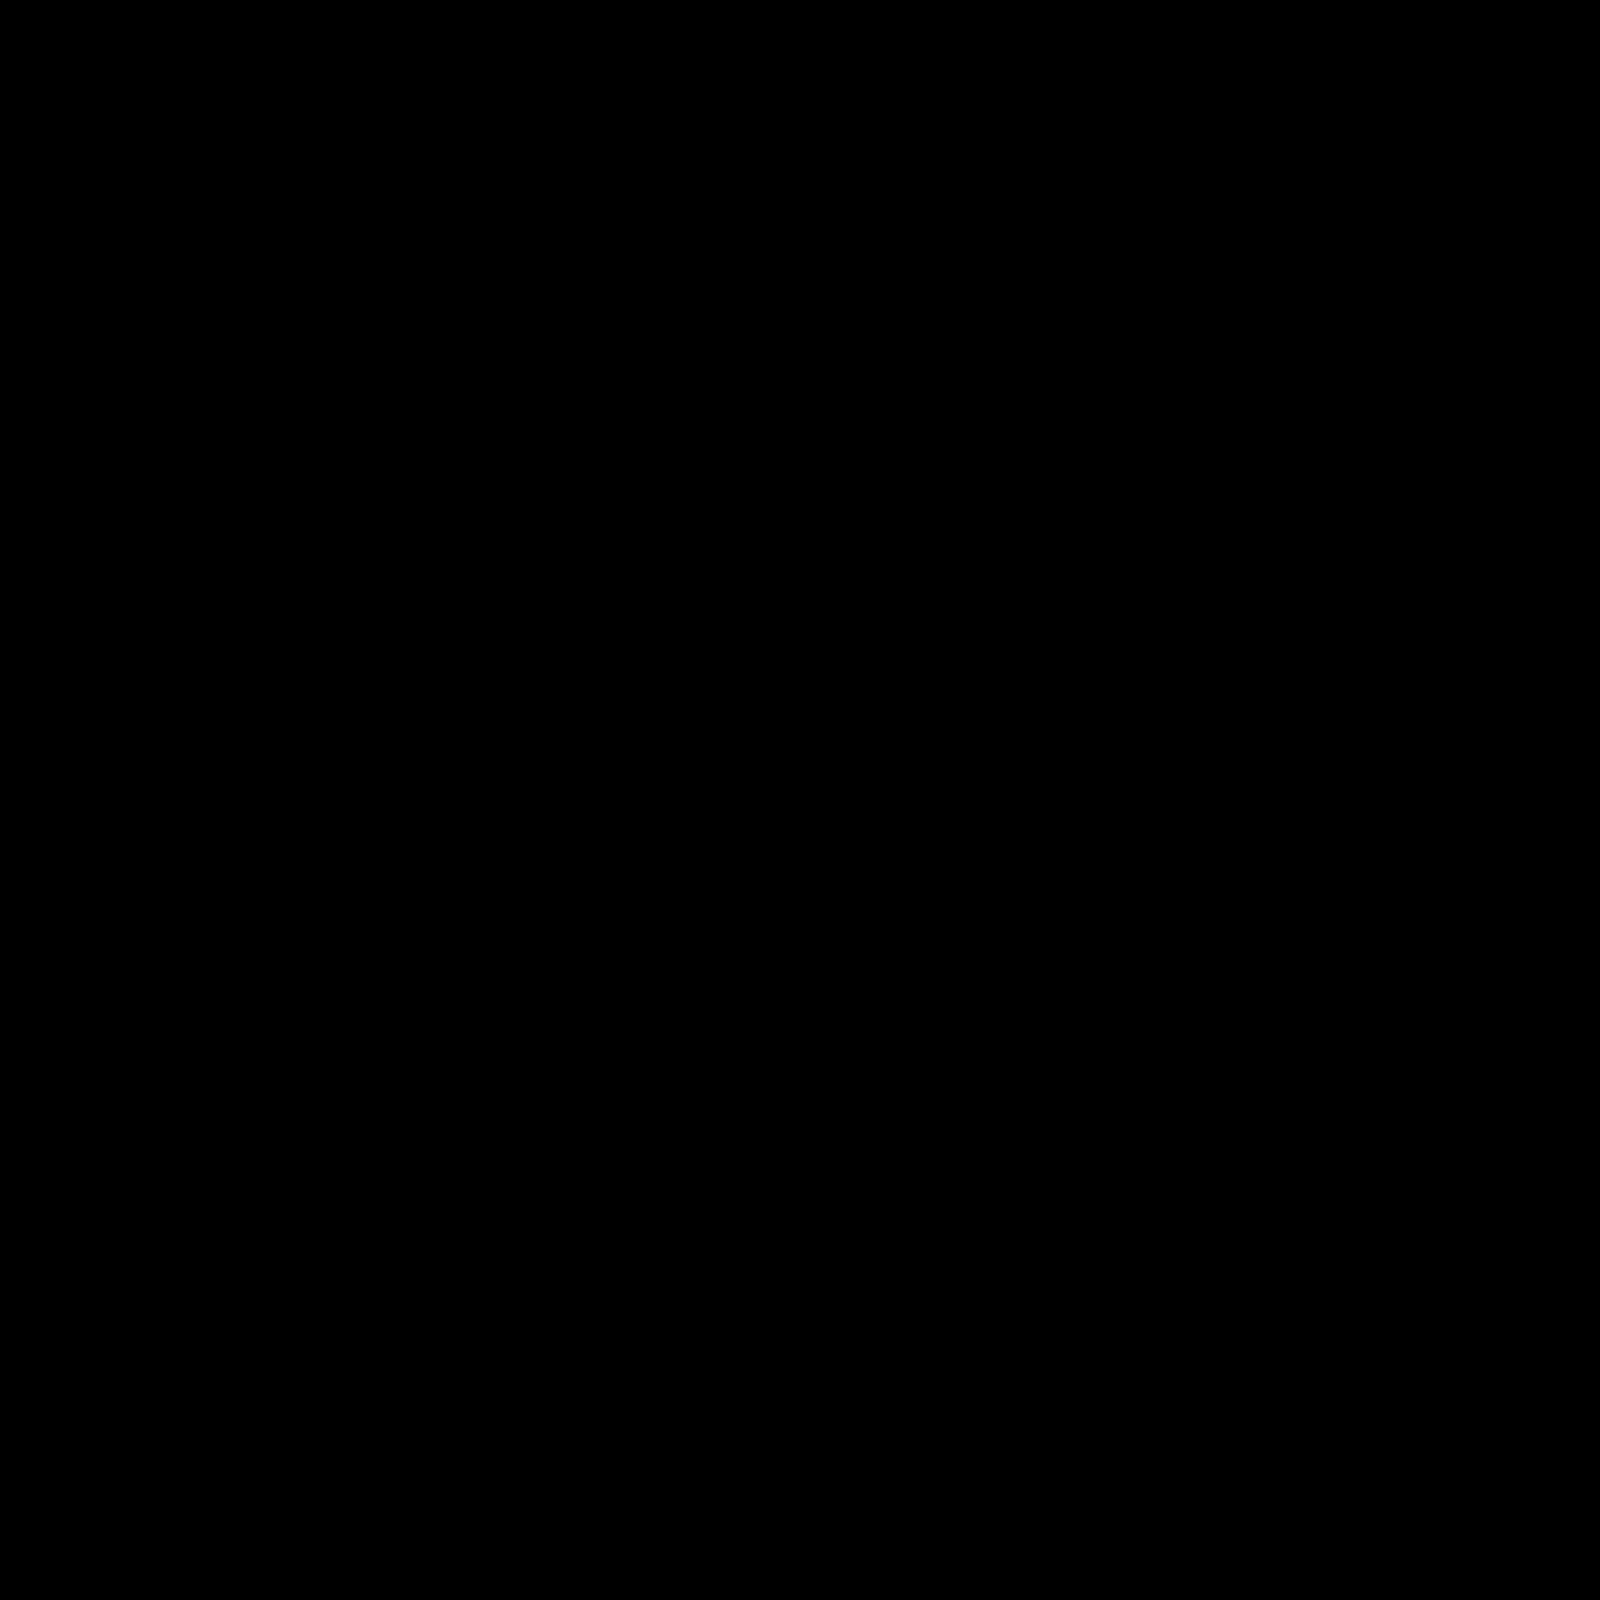 シャットダウン icon